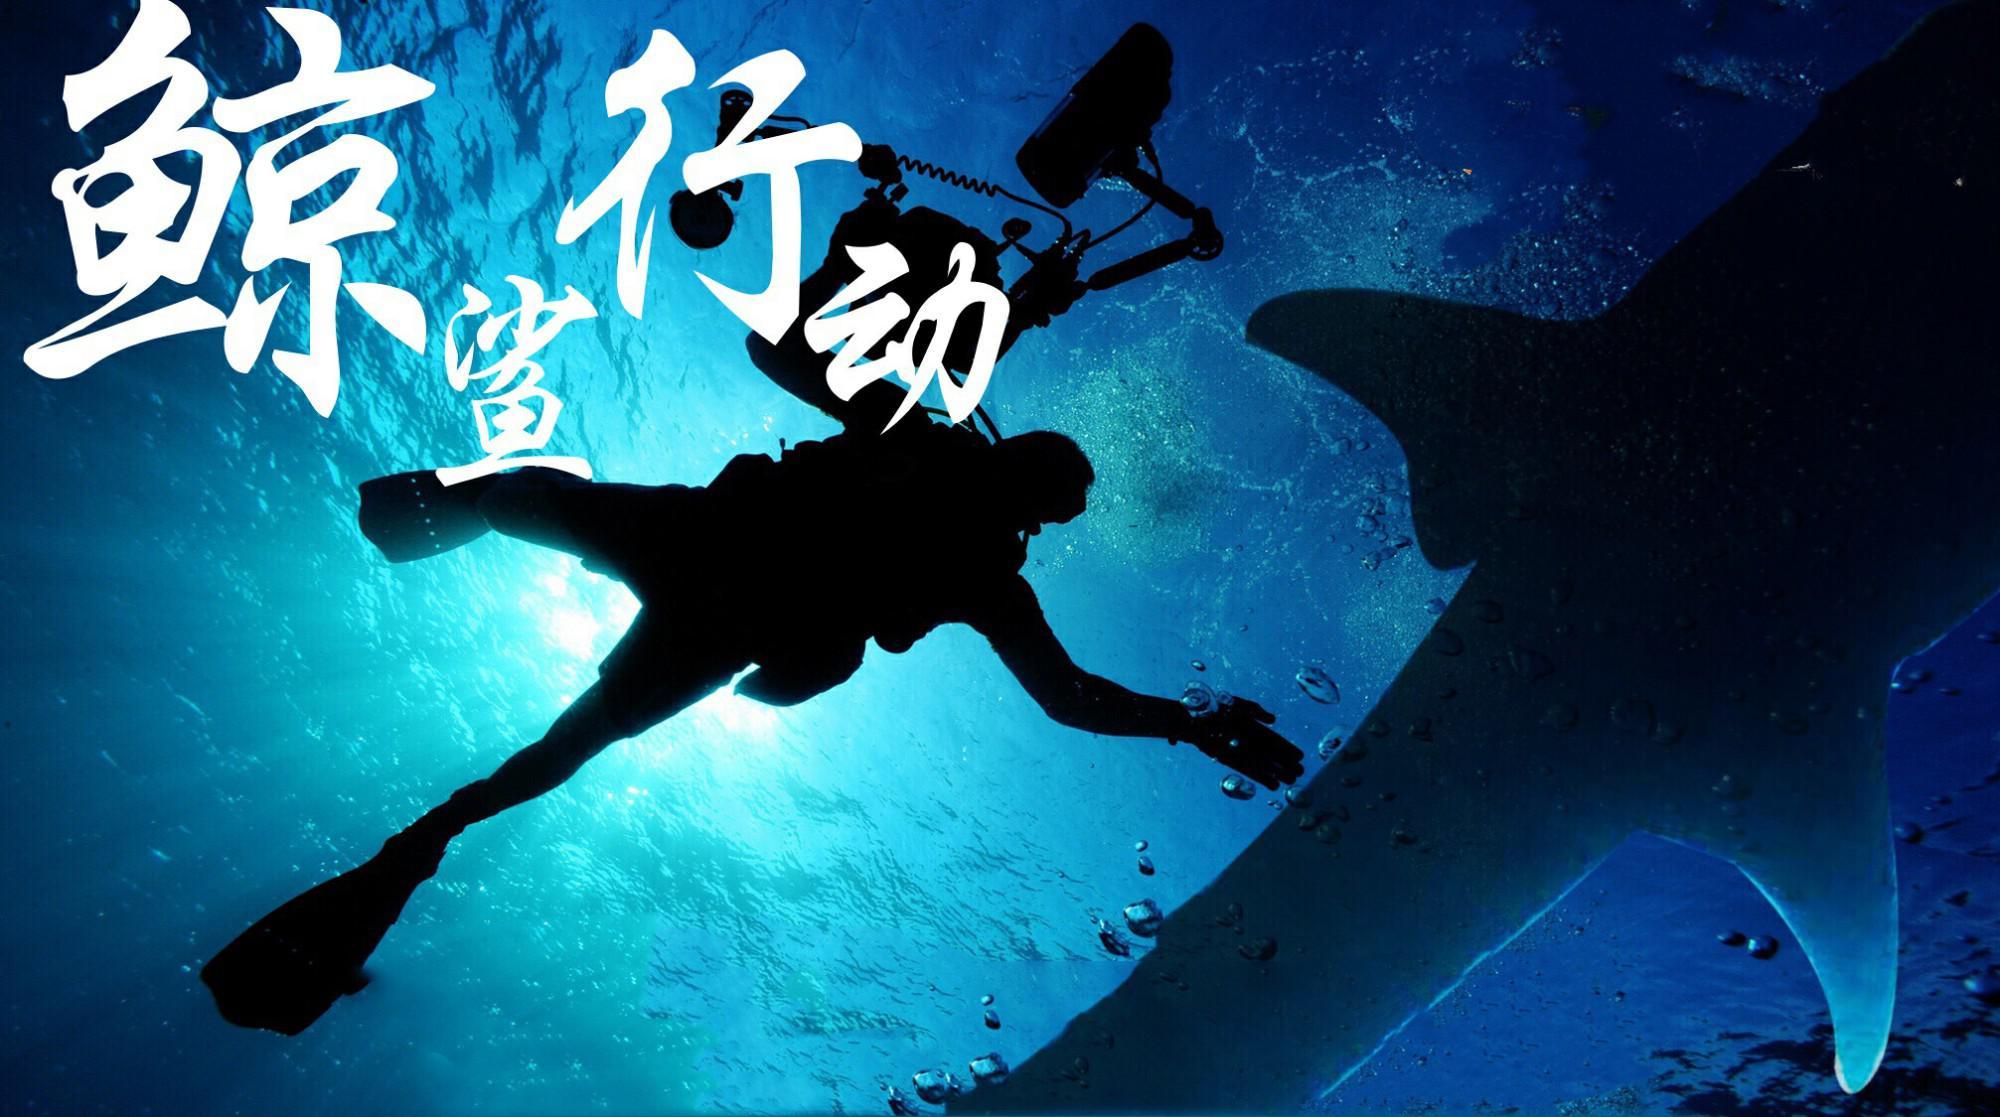 《鲸鲨行动》将开机 崭新运作模式解决行业痛点